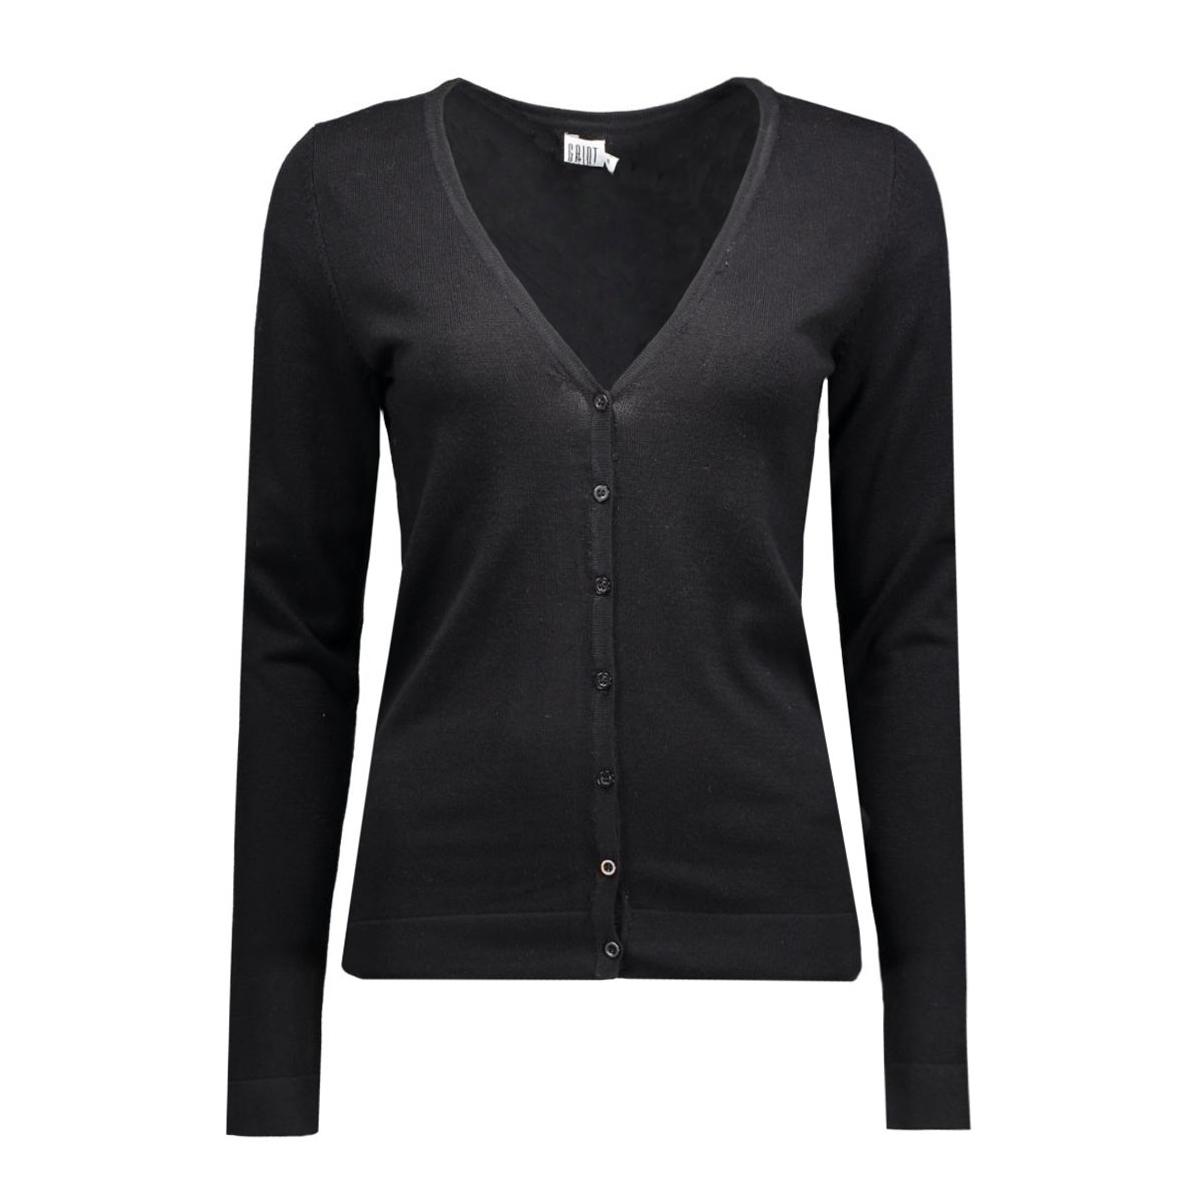 vest a2510 saint tropez vest 0001